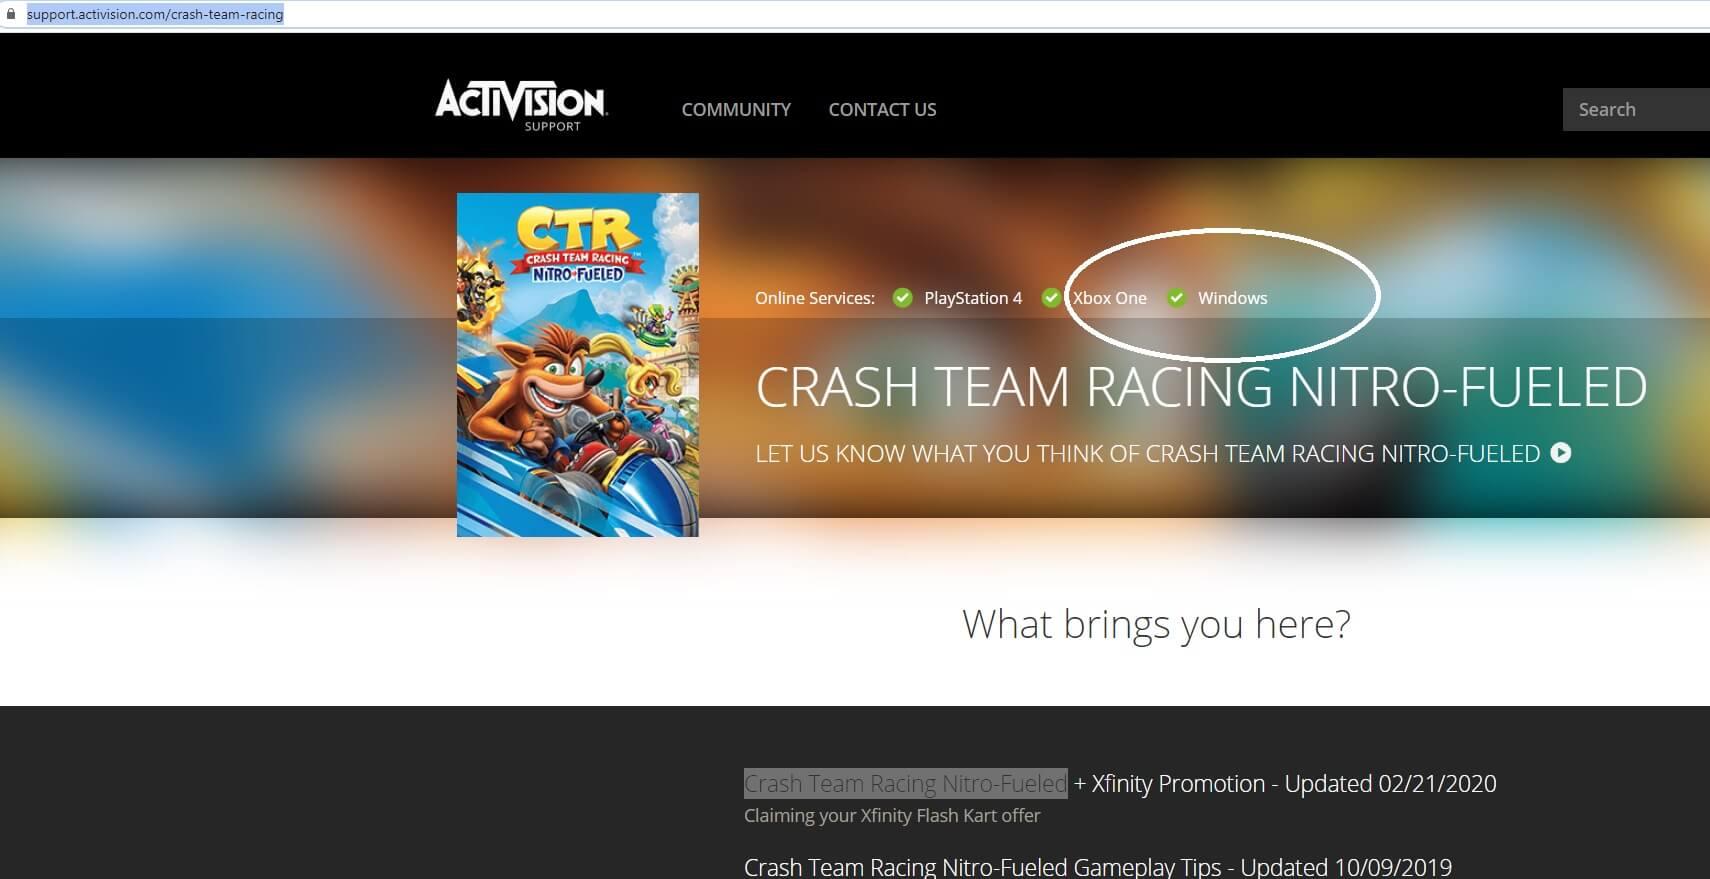 تلميحات الموقع الرسمي في Crash Team Racing Nitro-Fueled القادمة إلى جهاز الكمبيوتر 1